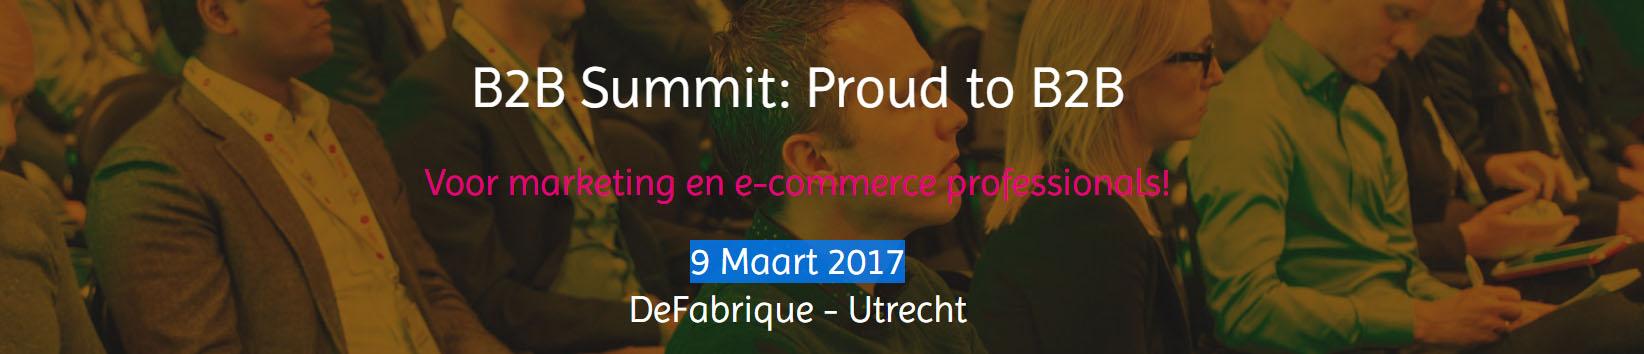 b2b summit 2017